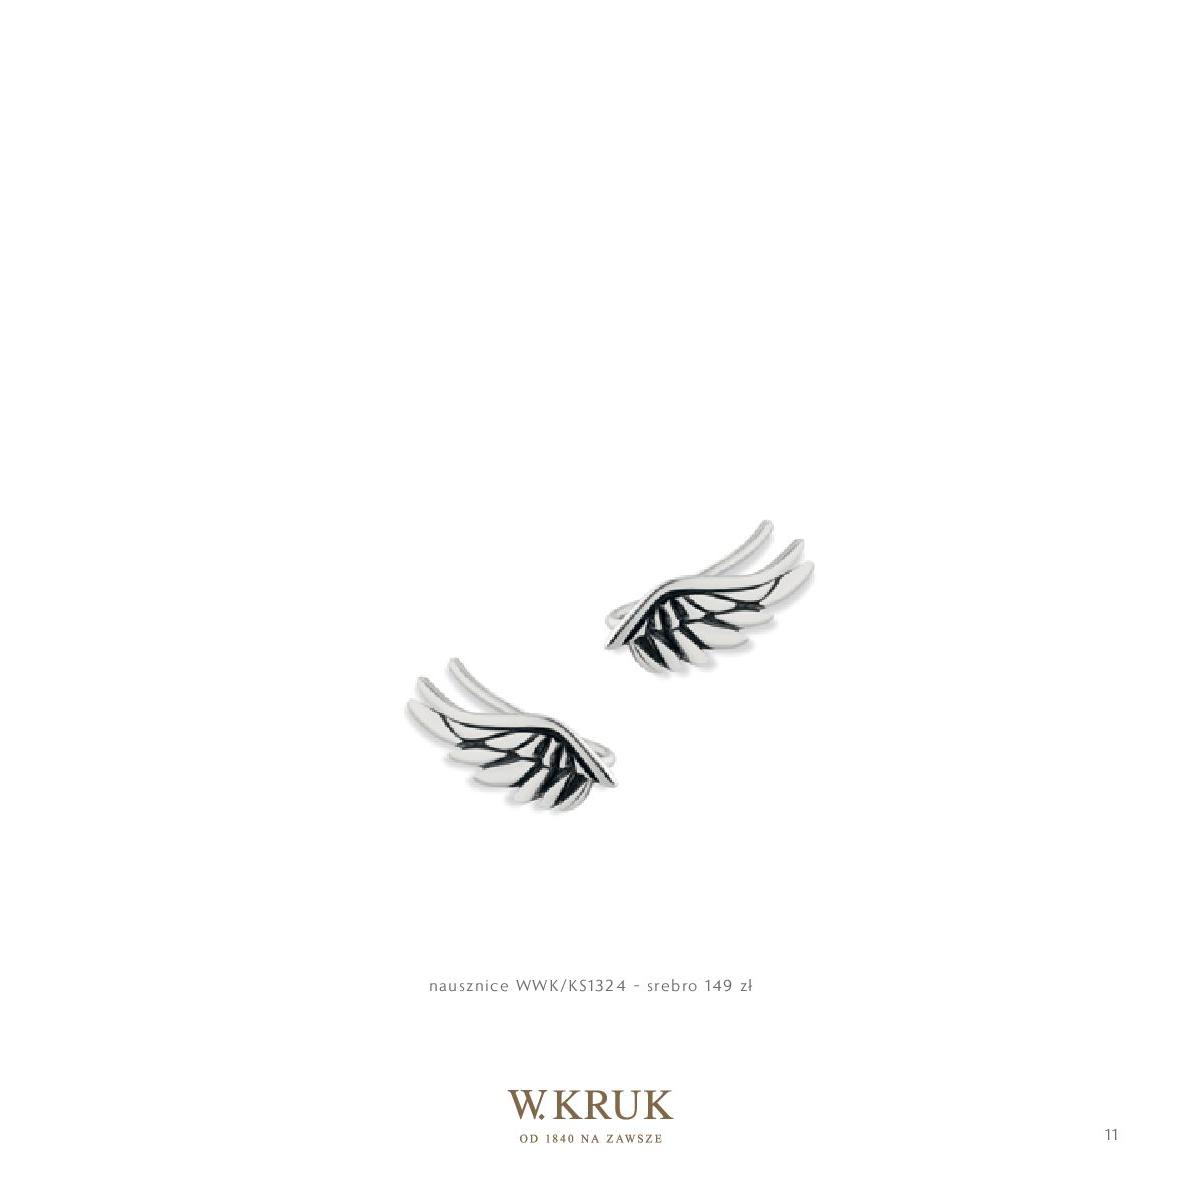 Gazetka W. KRUK: Katalog - Kolekcja Freedom 2021-02-17 page-13